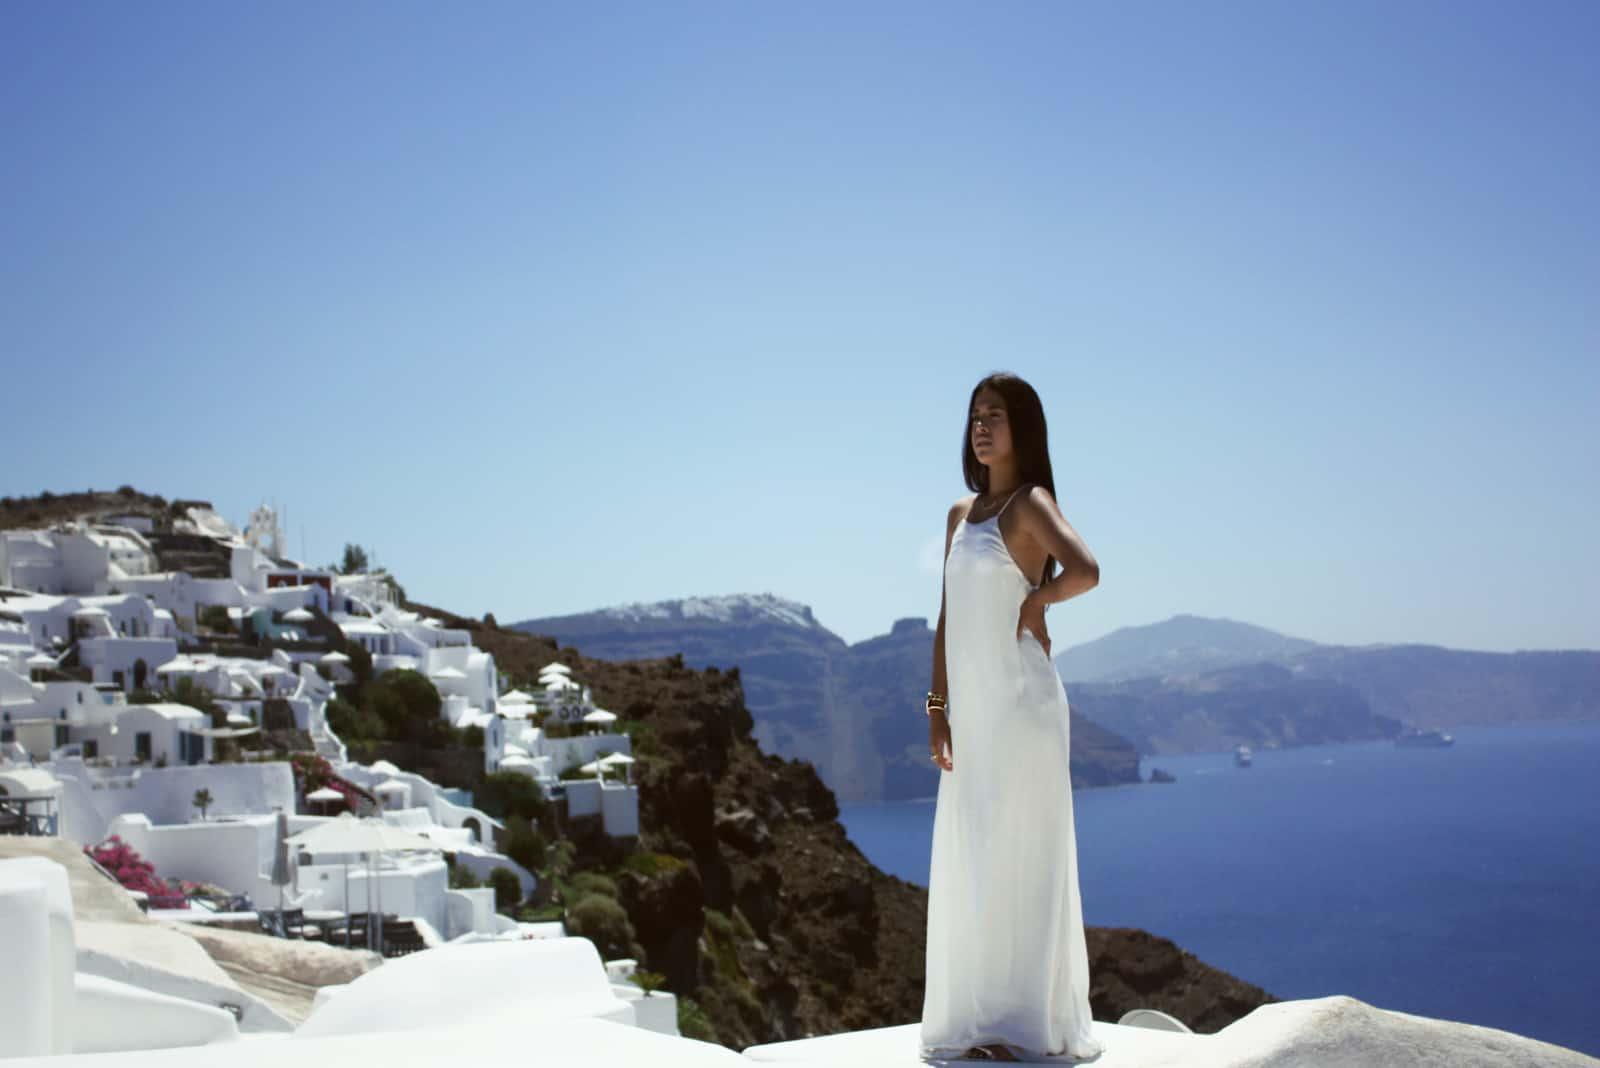 femme en robe blanche devant un bâtiment au bord de la mer